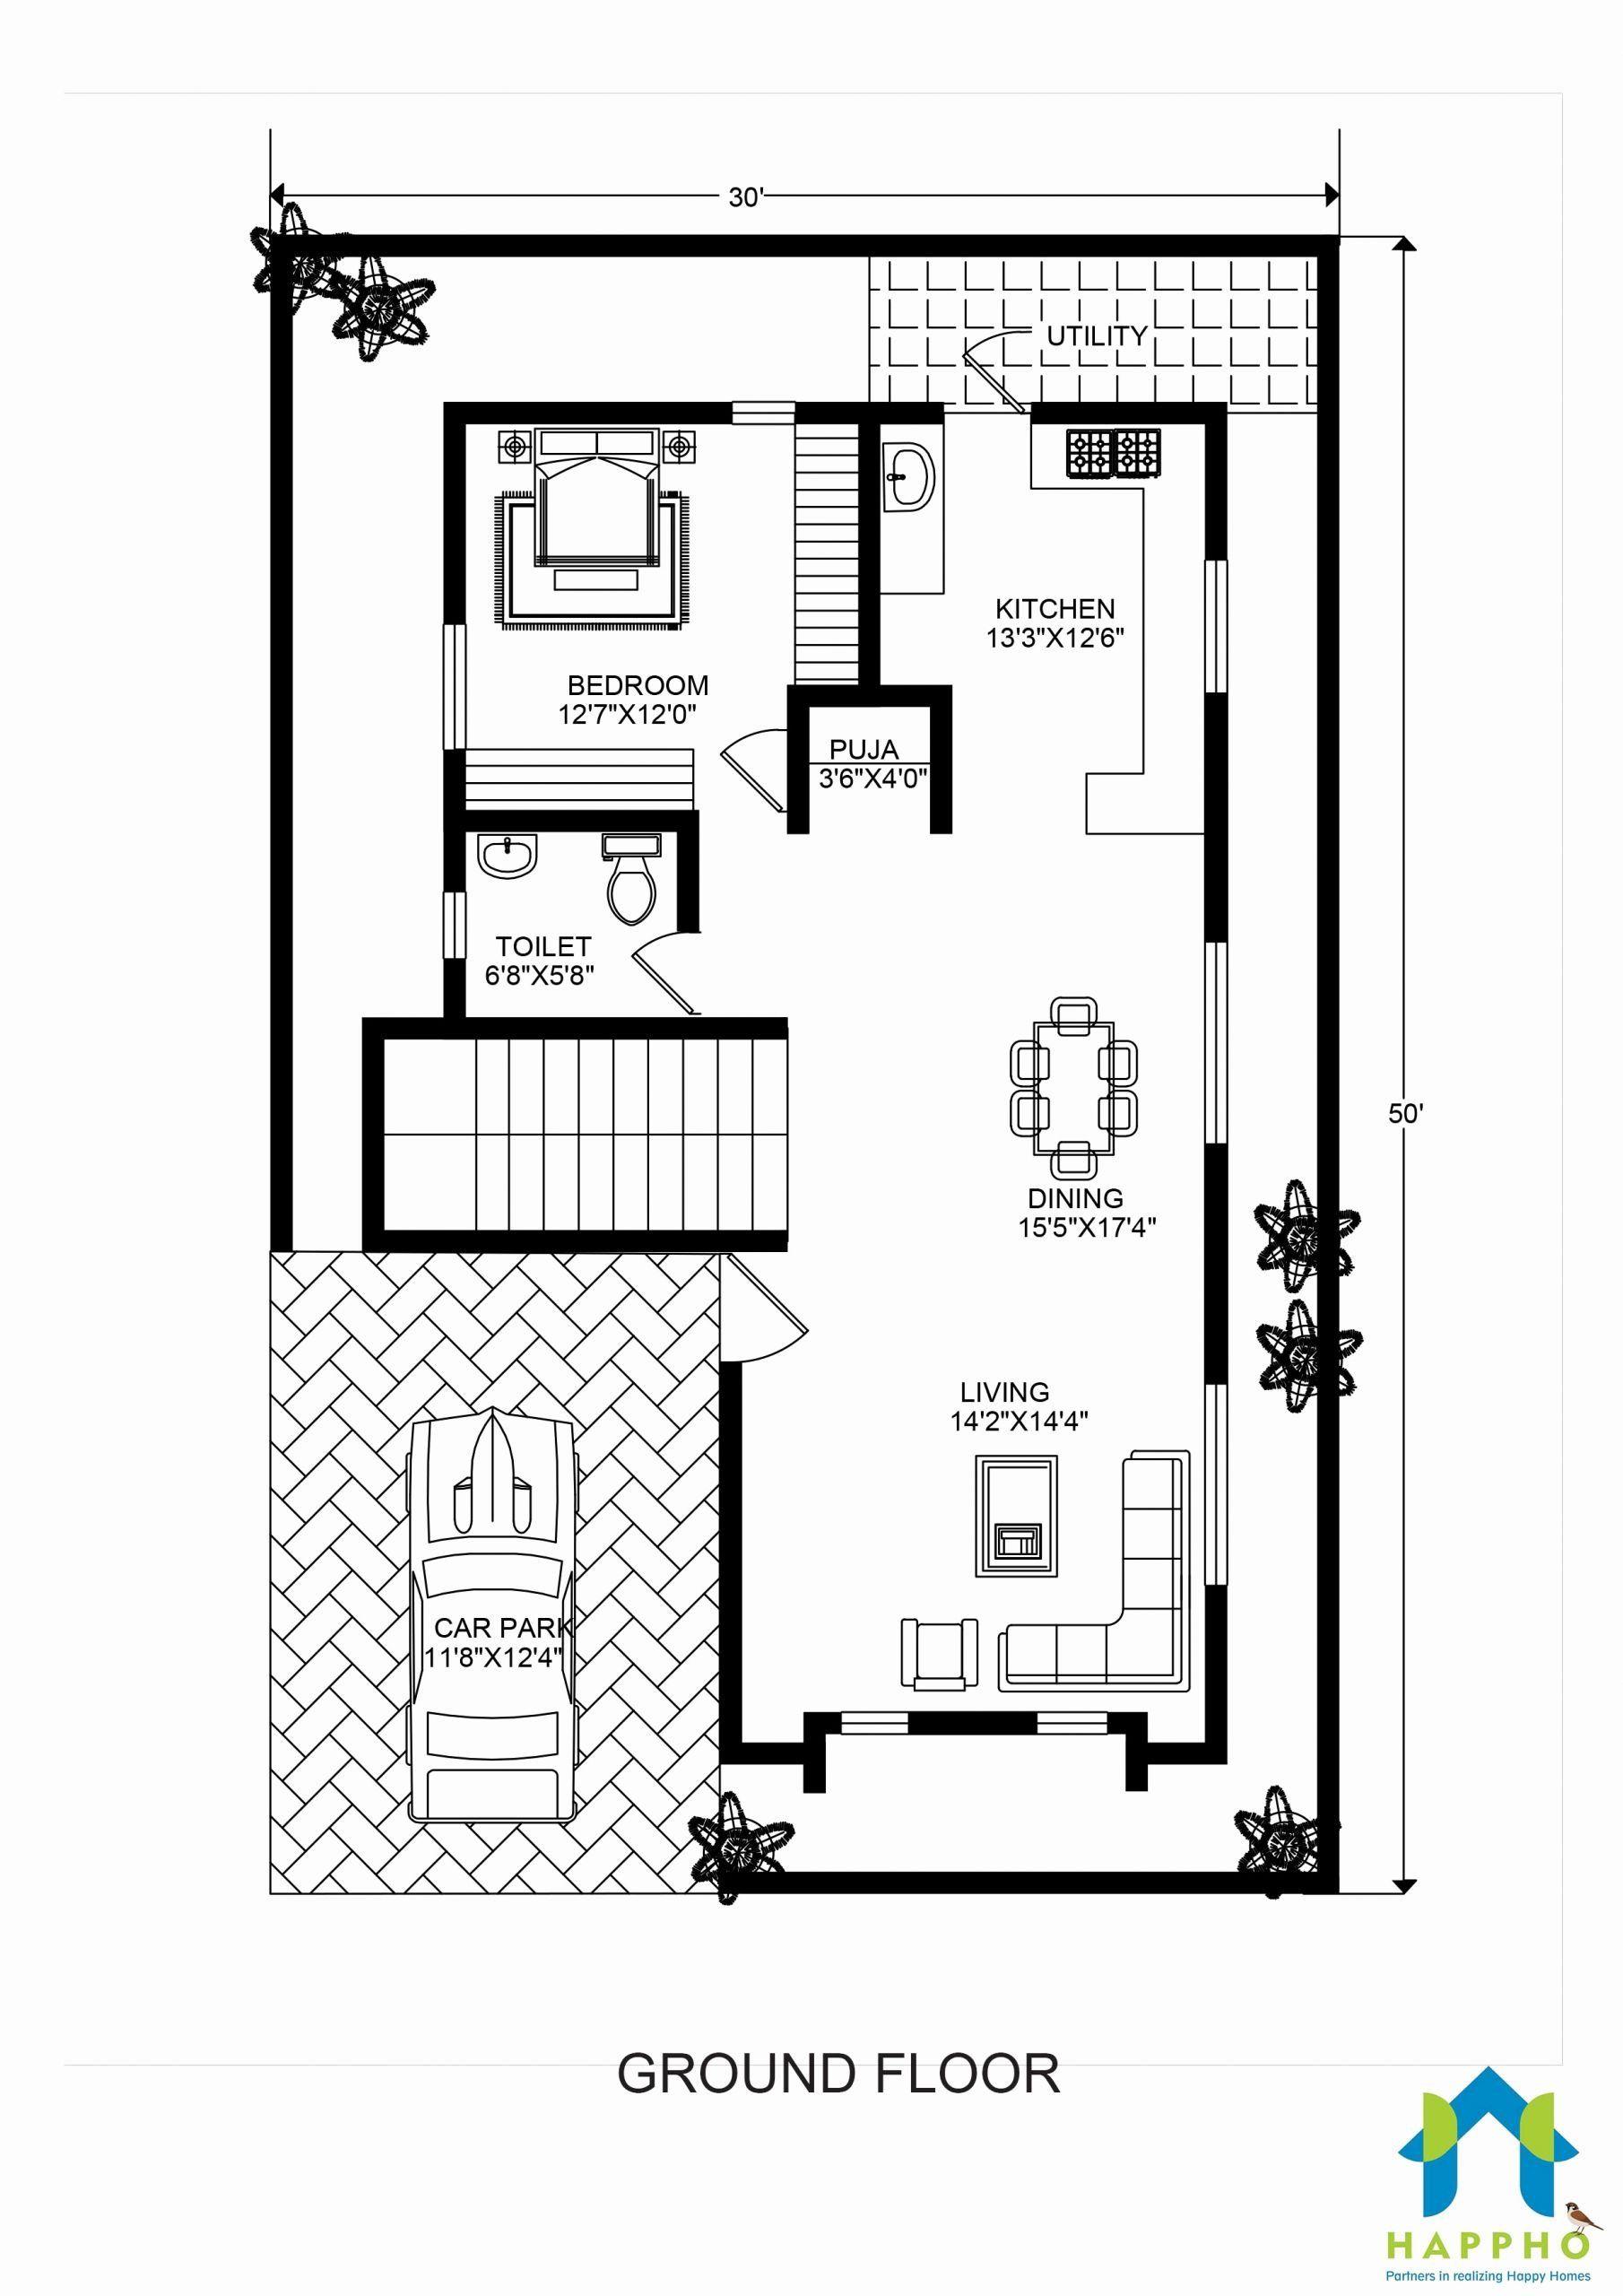 50 X 30 House Plans Fresh Floor Plan For 30 X 50 Feet Plot Barndominium Floor Plans Floor Plans House Plans